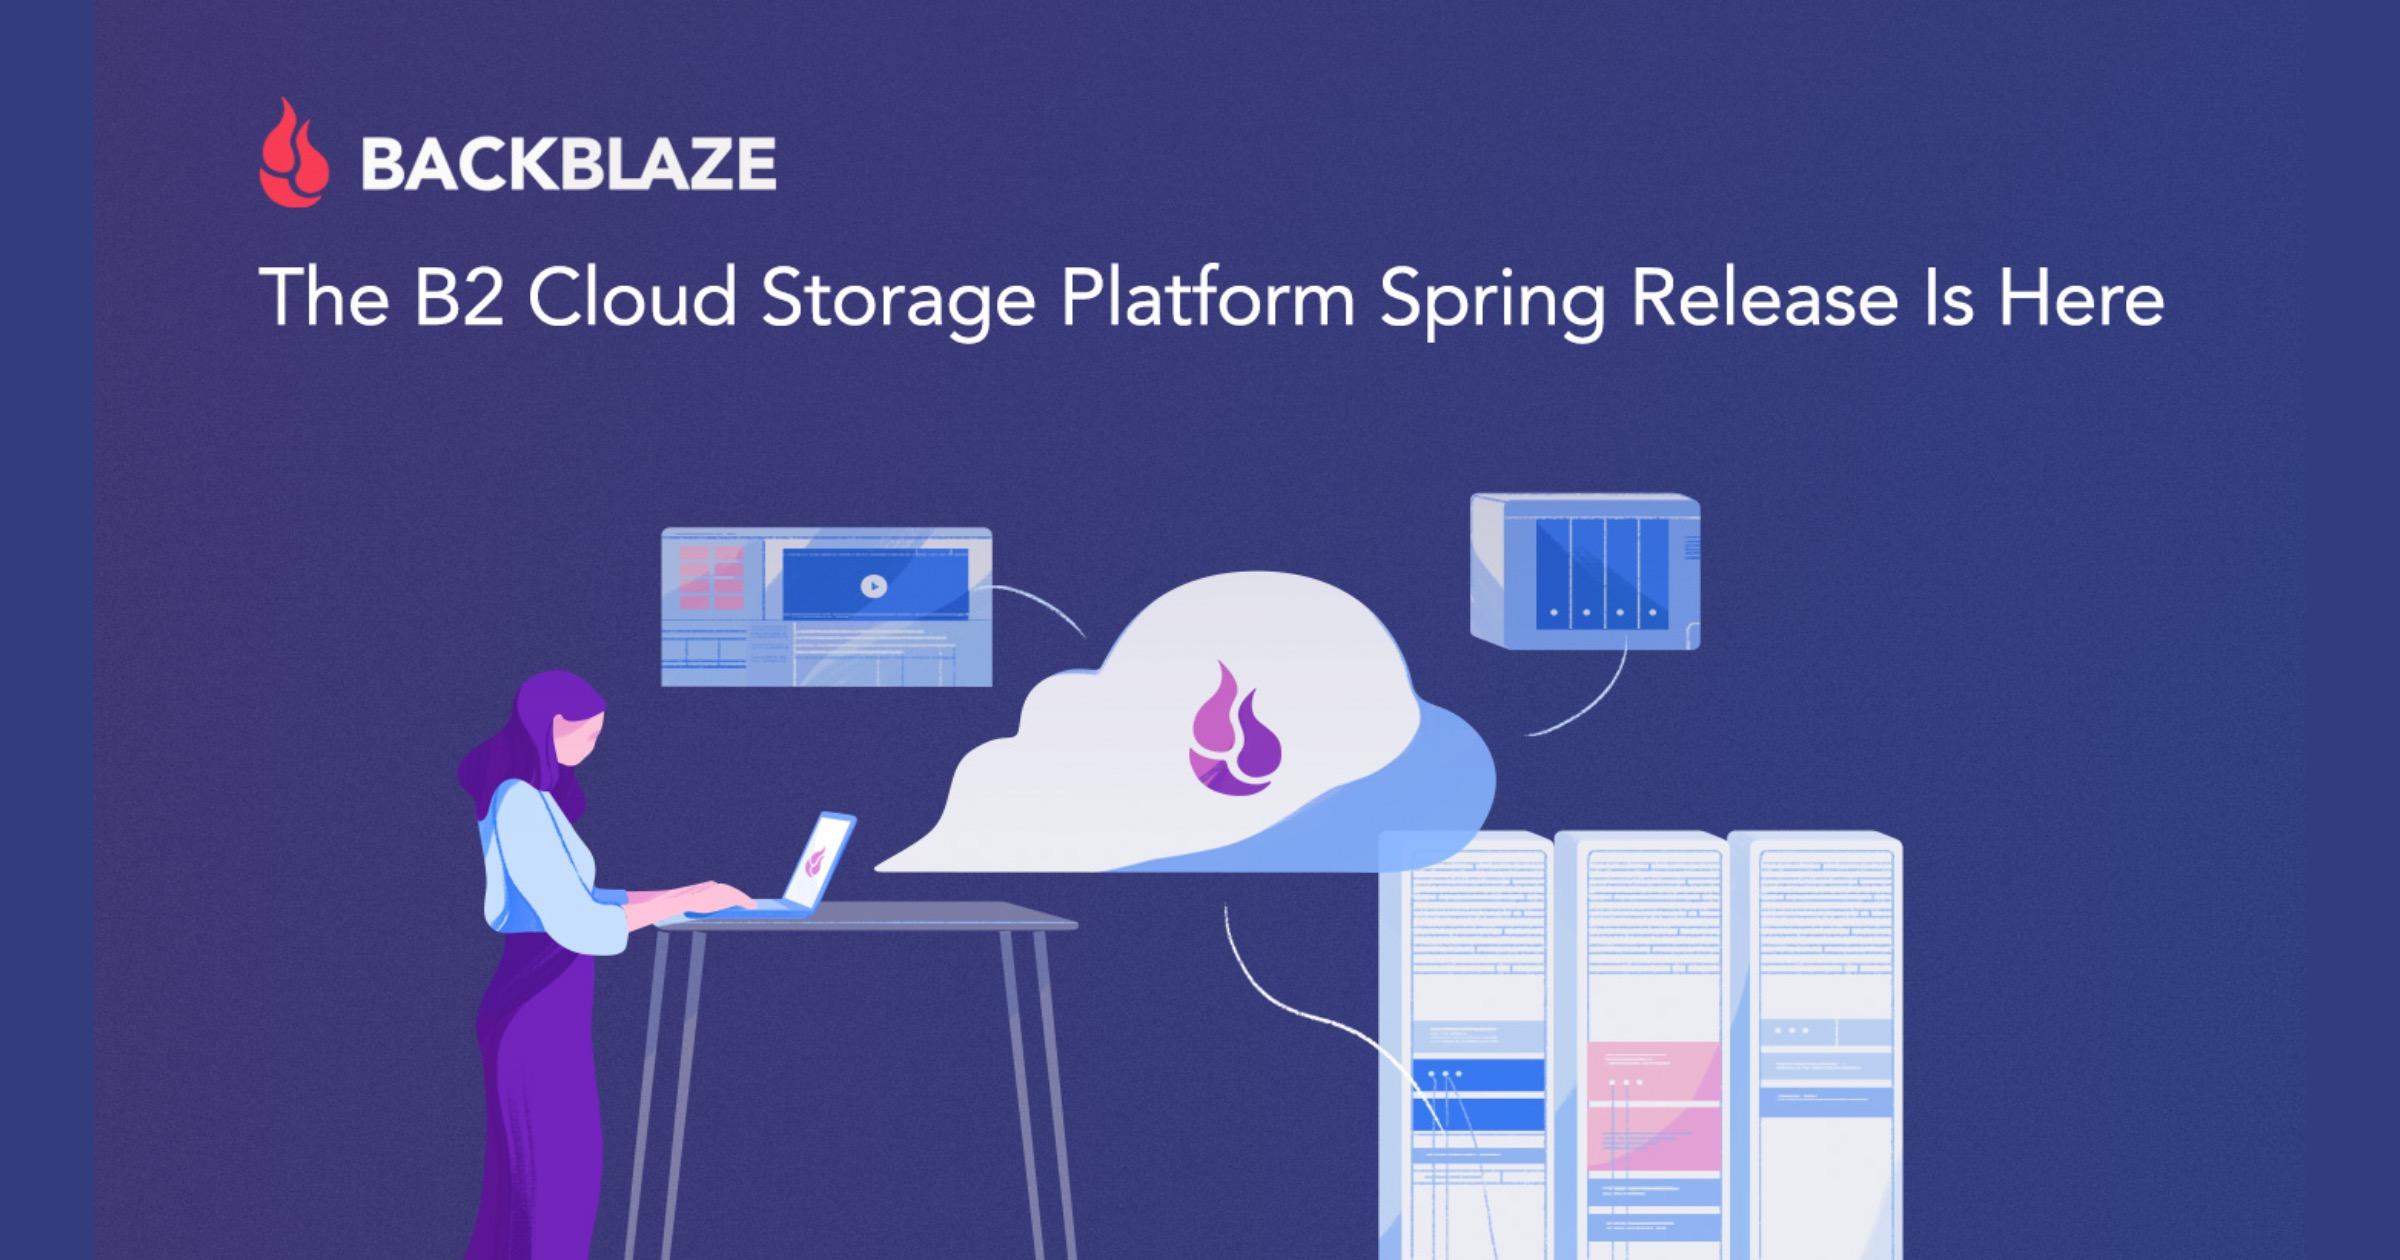 Backblaze B2 cloud storage platform spring release 2021